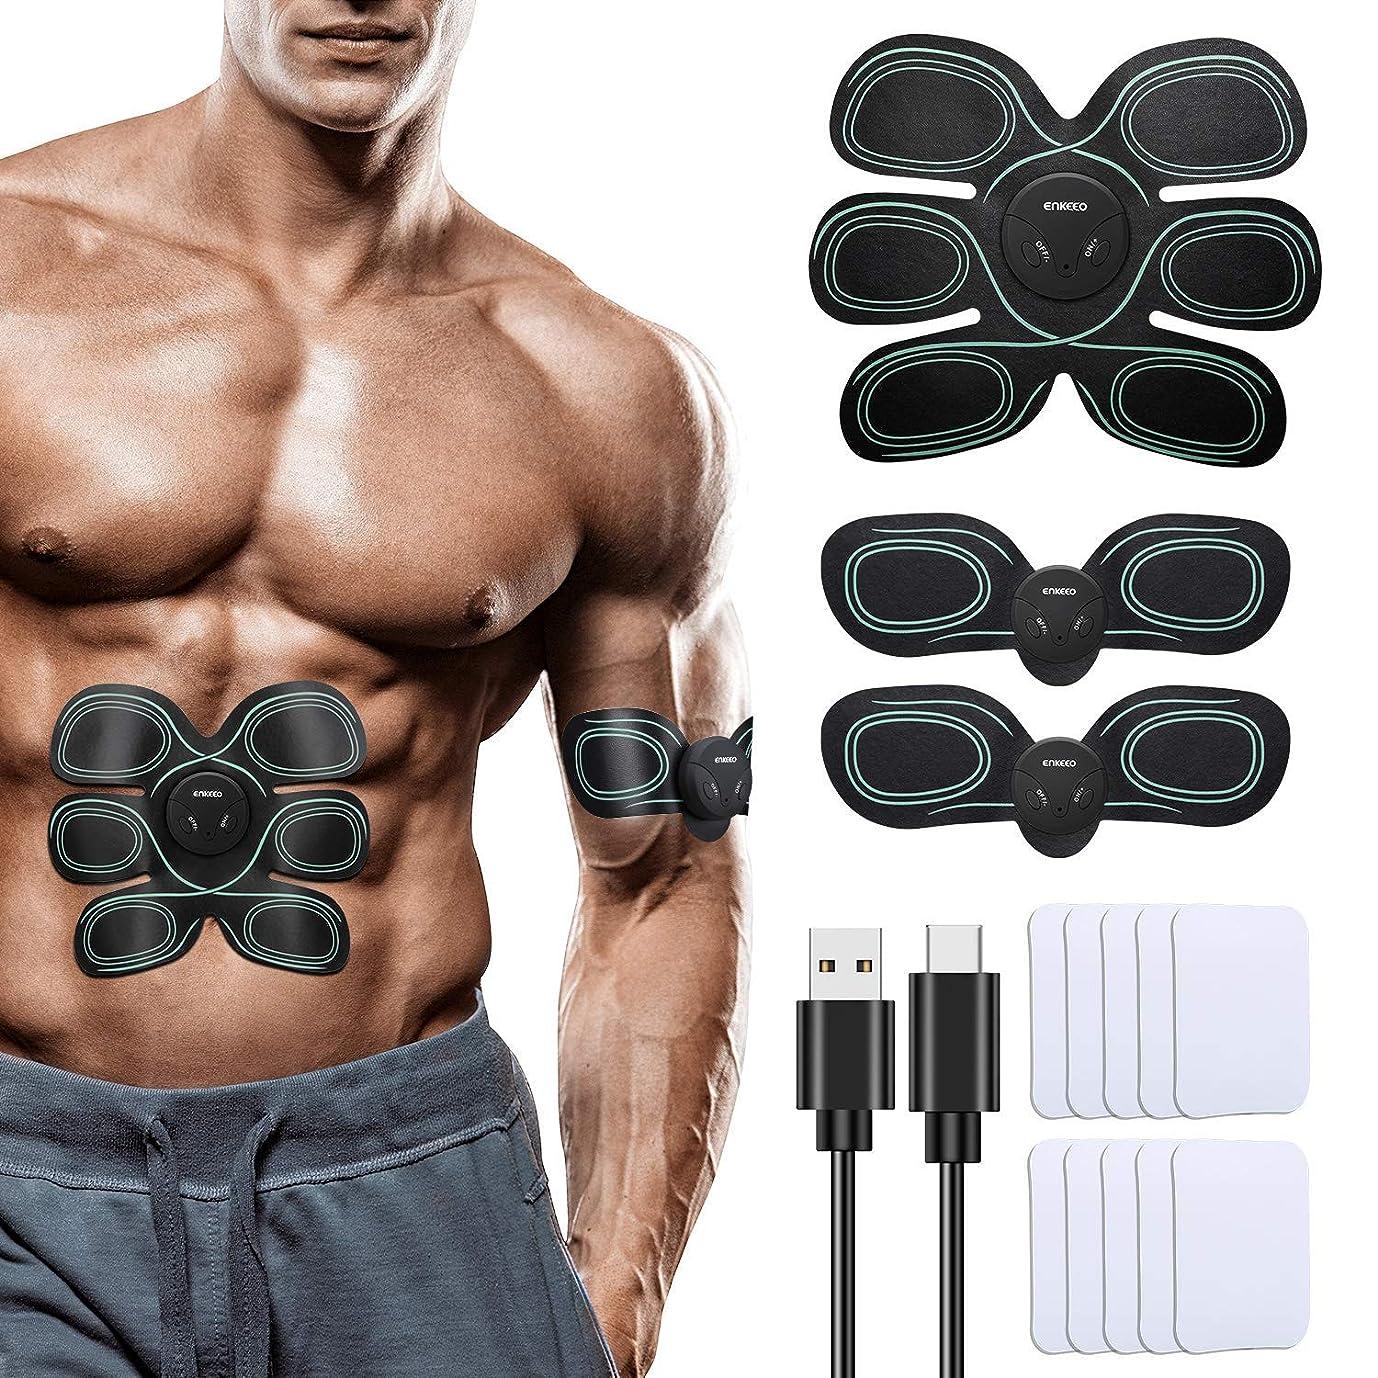 最もブロー中性GWM マッスル刺激マッサージャー、EMS ABSトレーナー、腹部筋肉トナーベルトセット、USB充電式フィットネストレーニングアームの脚腹部背中ウエストエクササイズマシン、ユニセックス8モード